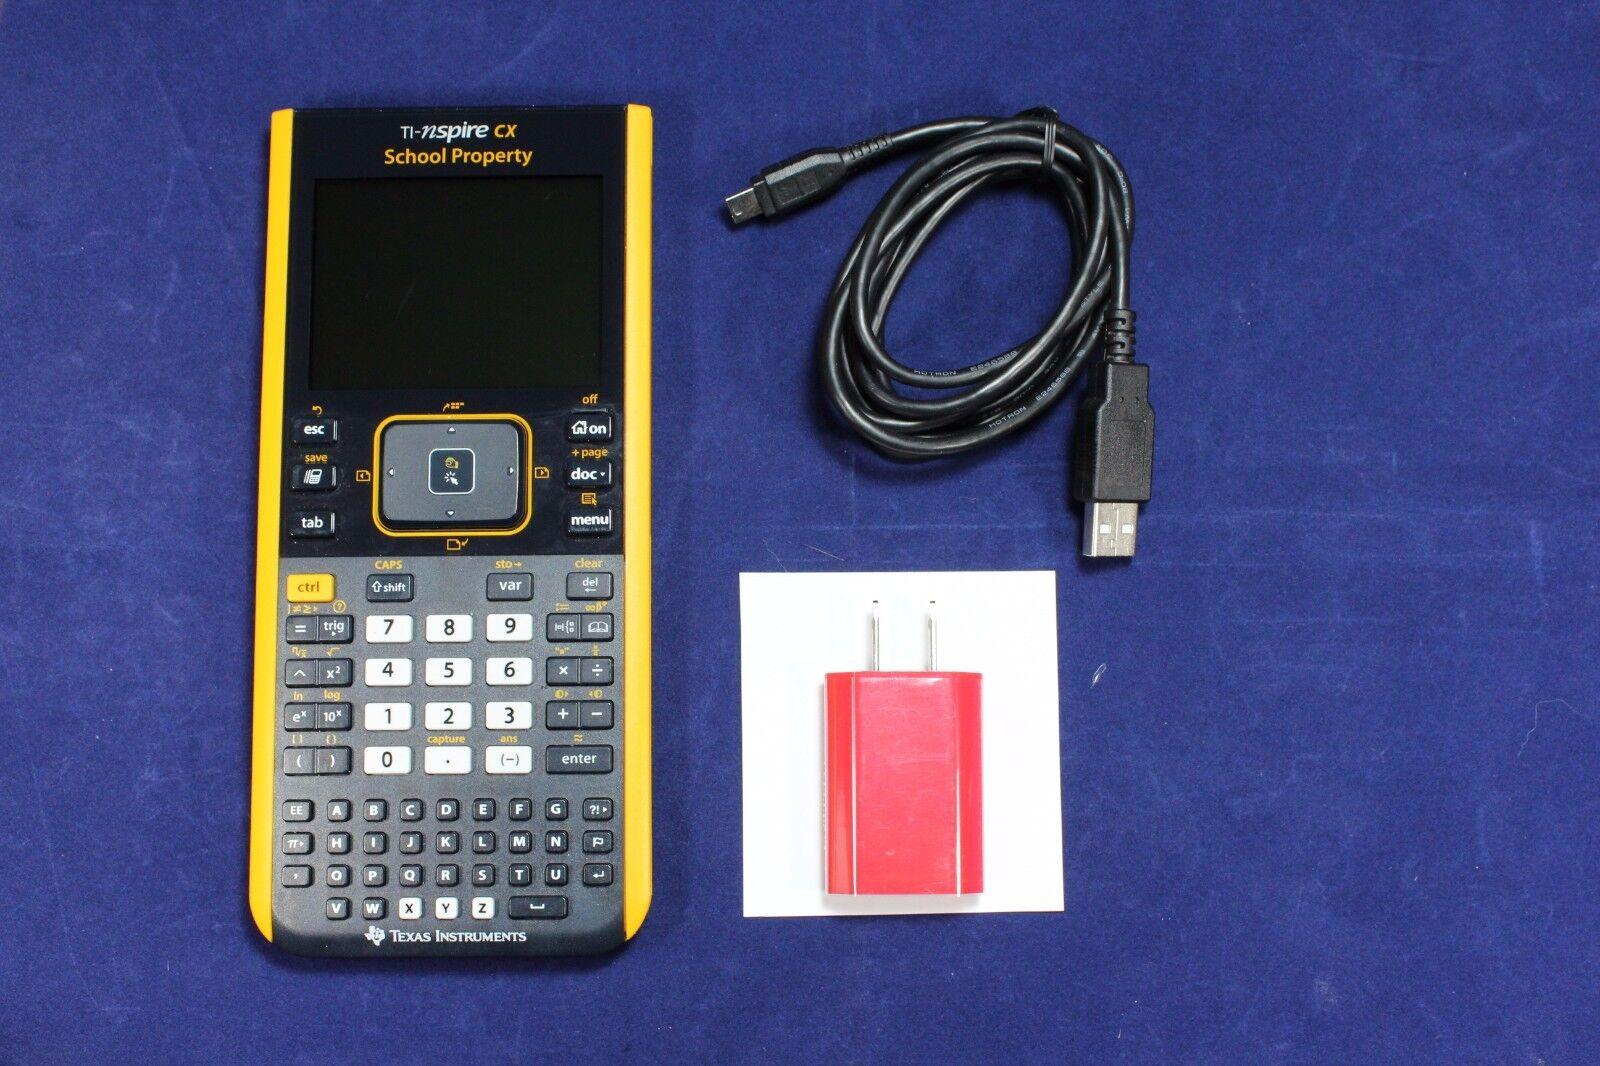 ti-nspire cx graphic calculato... Image 1